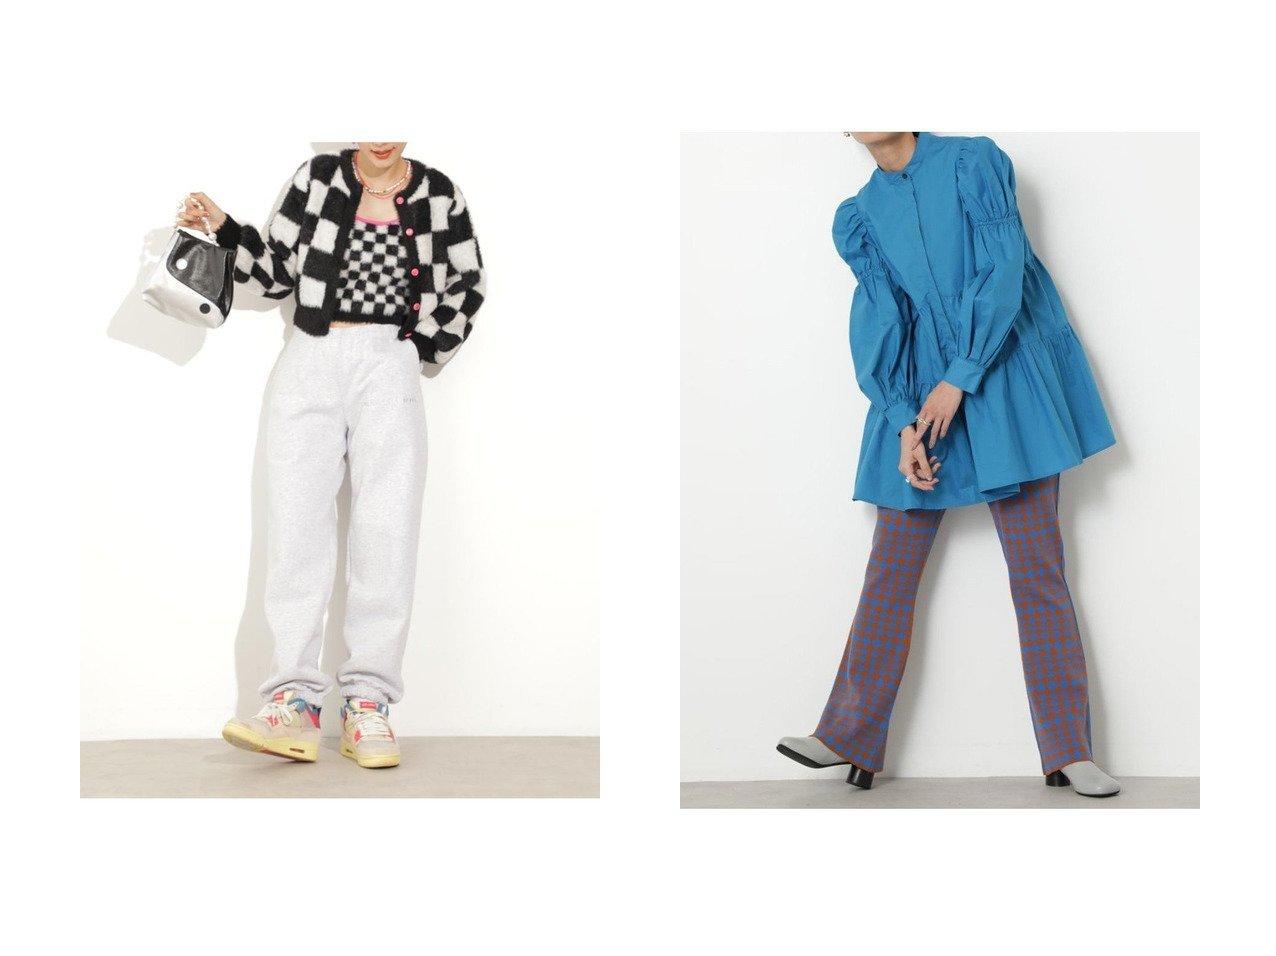 【ROSE BUD/ローズバッド】のスウェットパンツ&フラッグチェック柄パンツ 【パンツ】おすすめ!人気、トレンド・レディースファッションの通販 おすすめで人気の流行・トレンド、ファッションの通販商品 インテリア・家具・メンズファッション・キッズファッション・レディースファッション・服の通販 founy(ファニー) https://founy.com/ ファッション Fashion レディースファッション WOMEN パンツ Pants 2020年 2020 2020-2021秋冬・A/W AW・Autumn/Winter・FW・Fall-Winter/2020-2021 2021年 2021 2021-2022秋冬・A/W AW・Autumn/Winter・FW・Fall-Winter・2021-2022 A/W・秋冬 AW・Autumn/Winter・FW・Fall-Winter おすすめ Recommend セットアップ モノトーン ロング 定番 Standard チェック フレア ポケット ミックス |ID:crp329100000067212